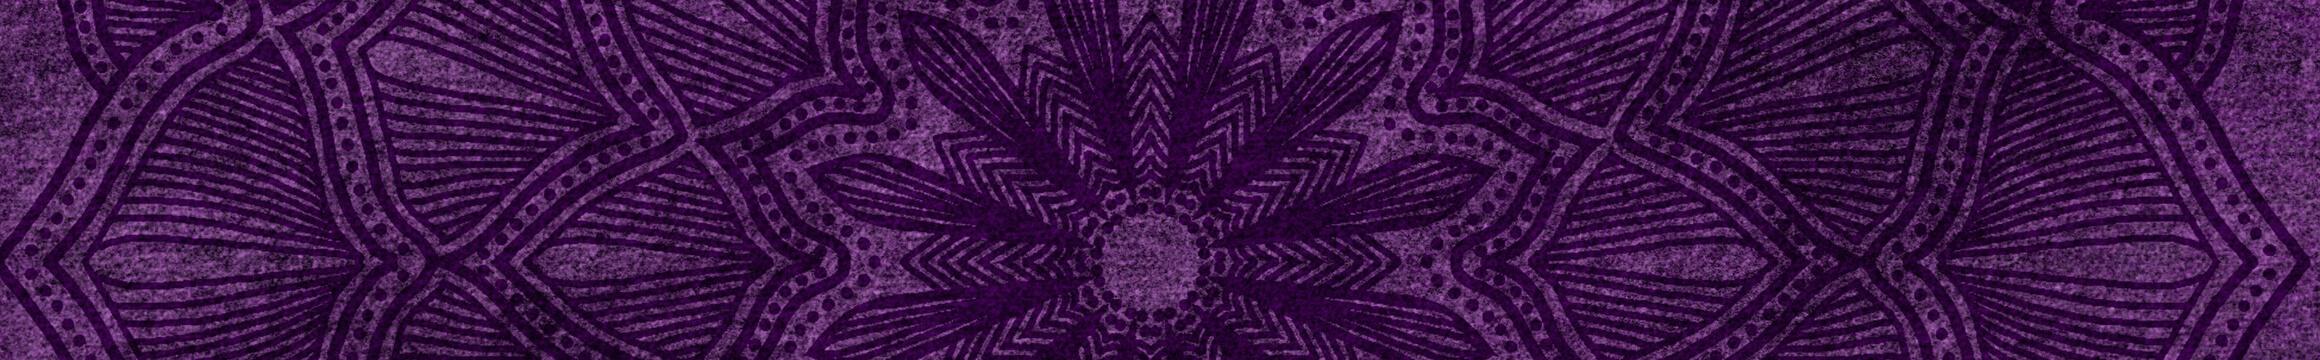 Mandala 03